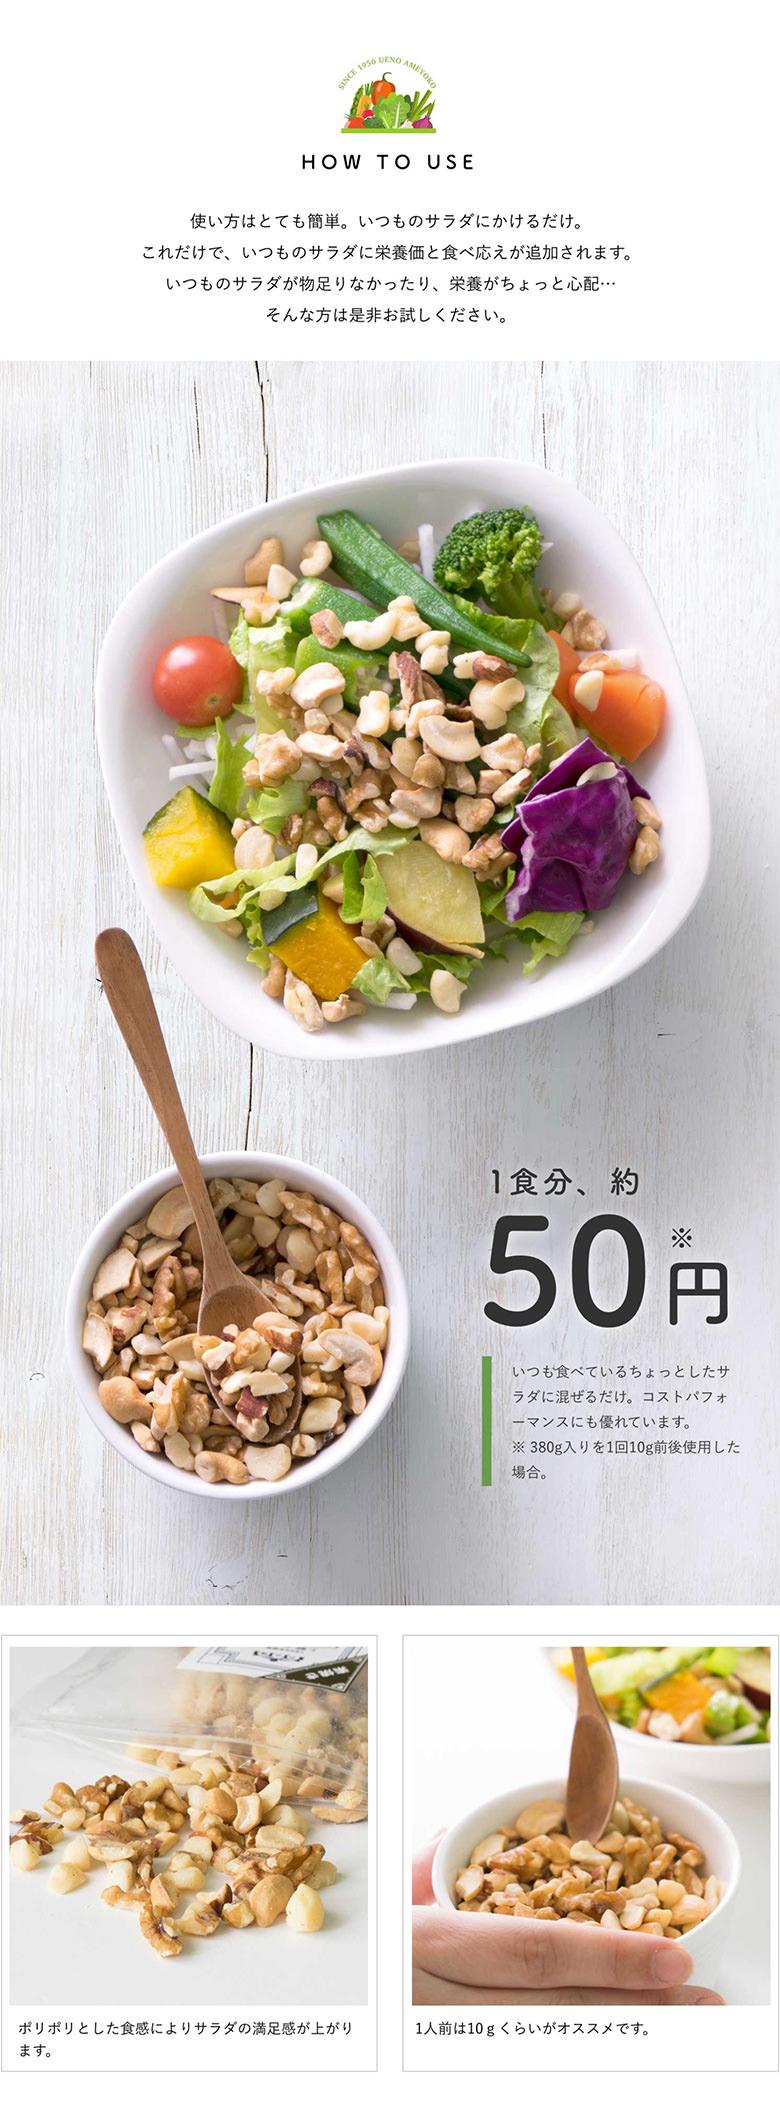 パワーサラダ専用ナッツダイスミックス